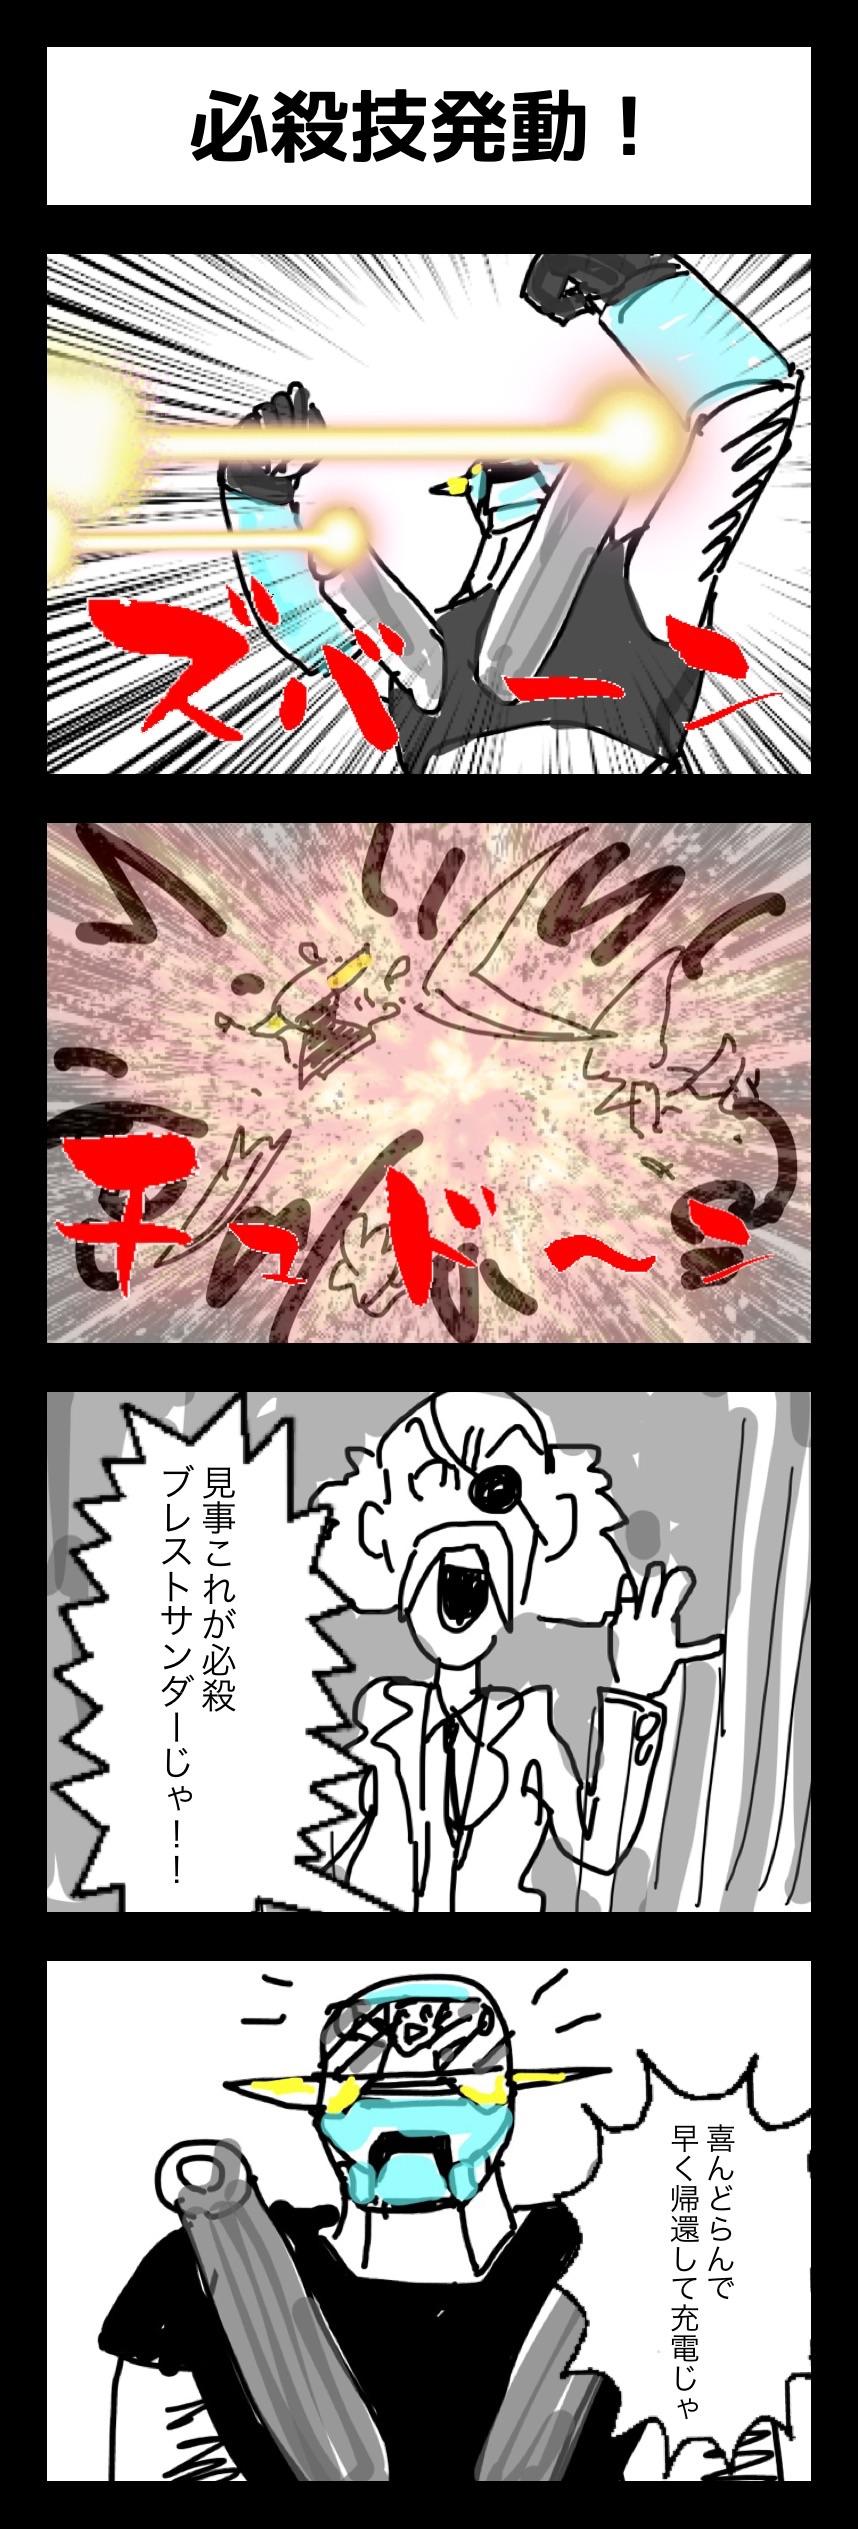 連載4コマ漫画アトランダーV